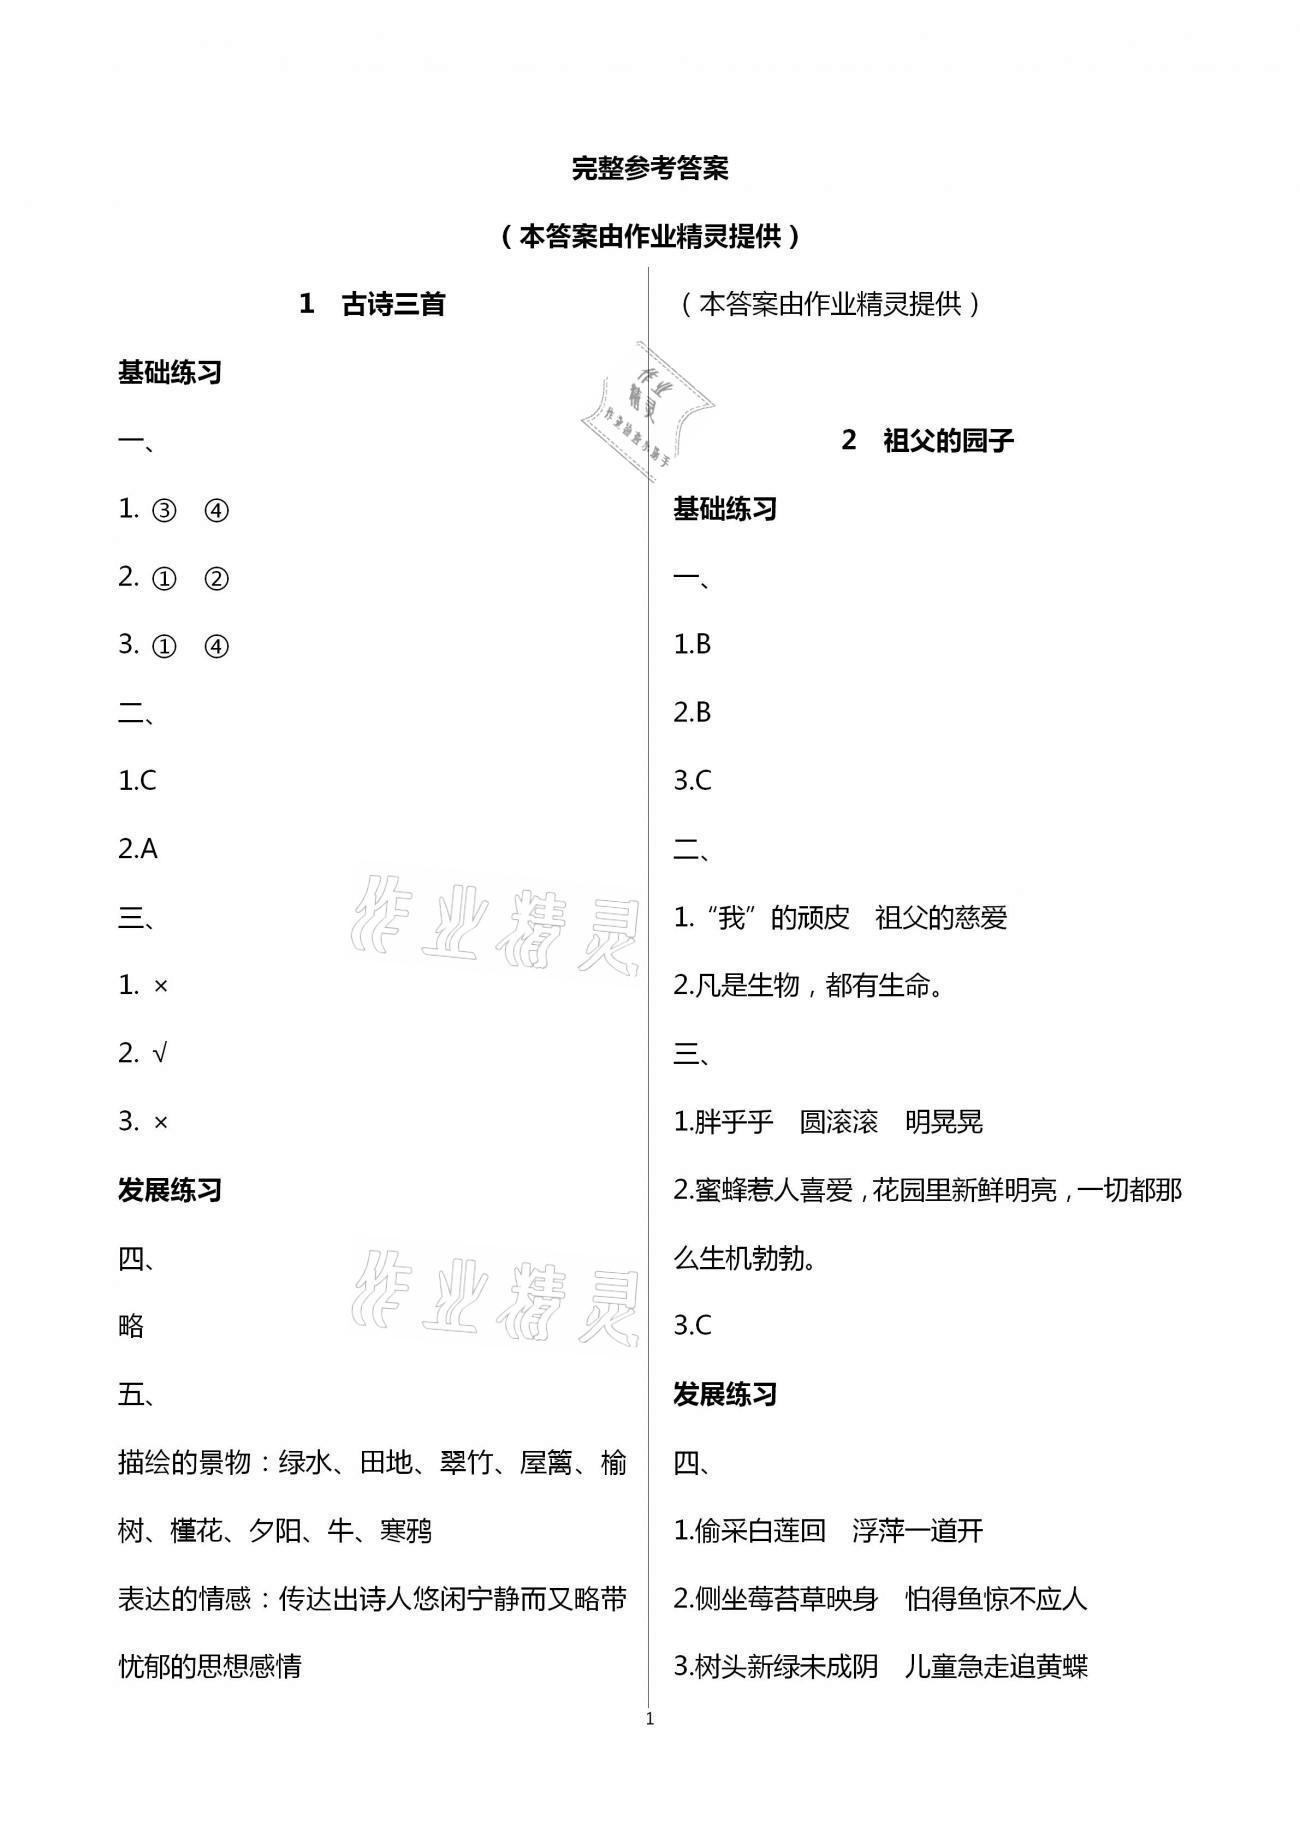 2021年練習與測試五年級語文下冊人教版第1頁